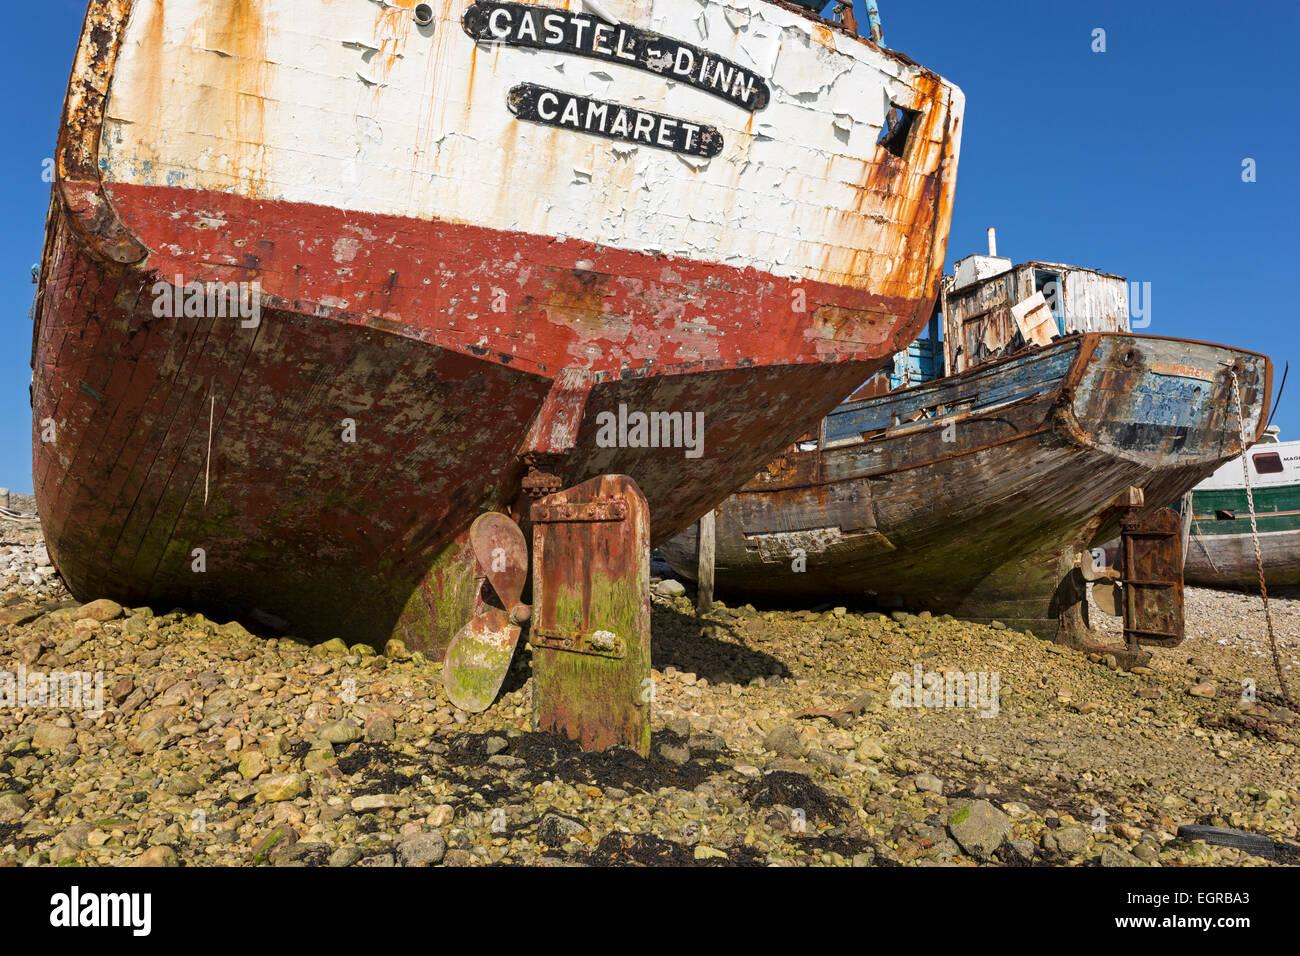 L'épave d'un vieux bateau de pêche, navire cimetière, Camaret-sur-Mer, département du Photo Stock